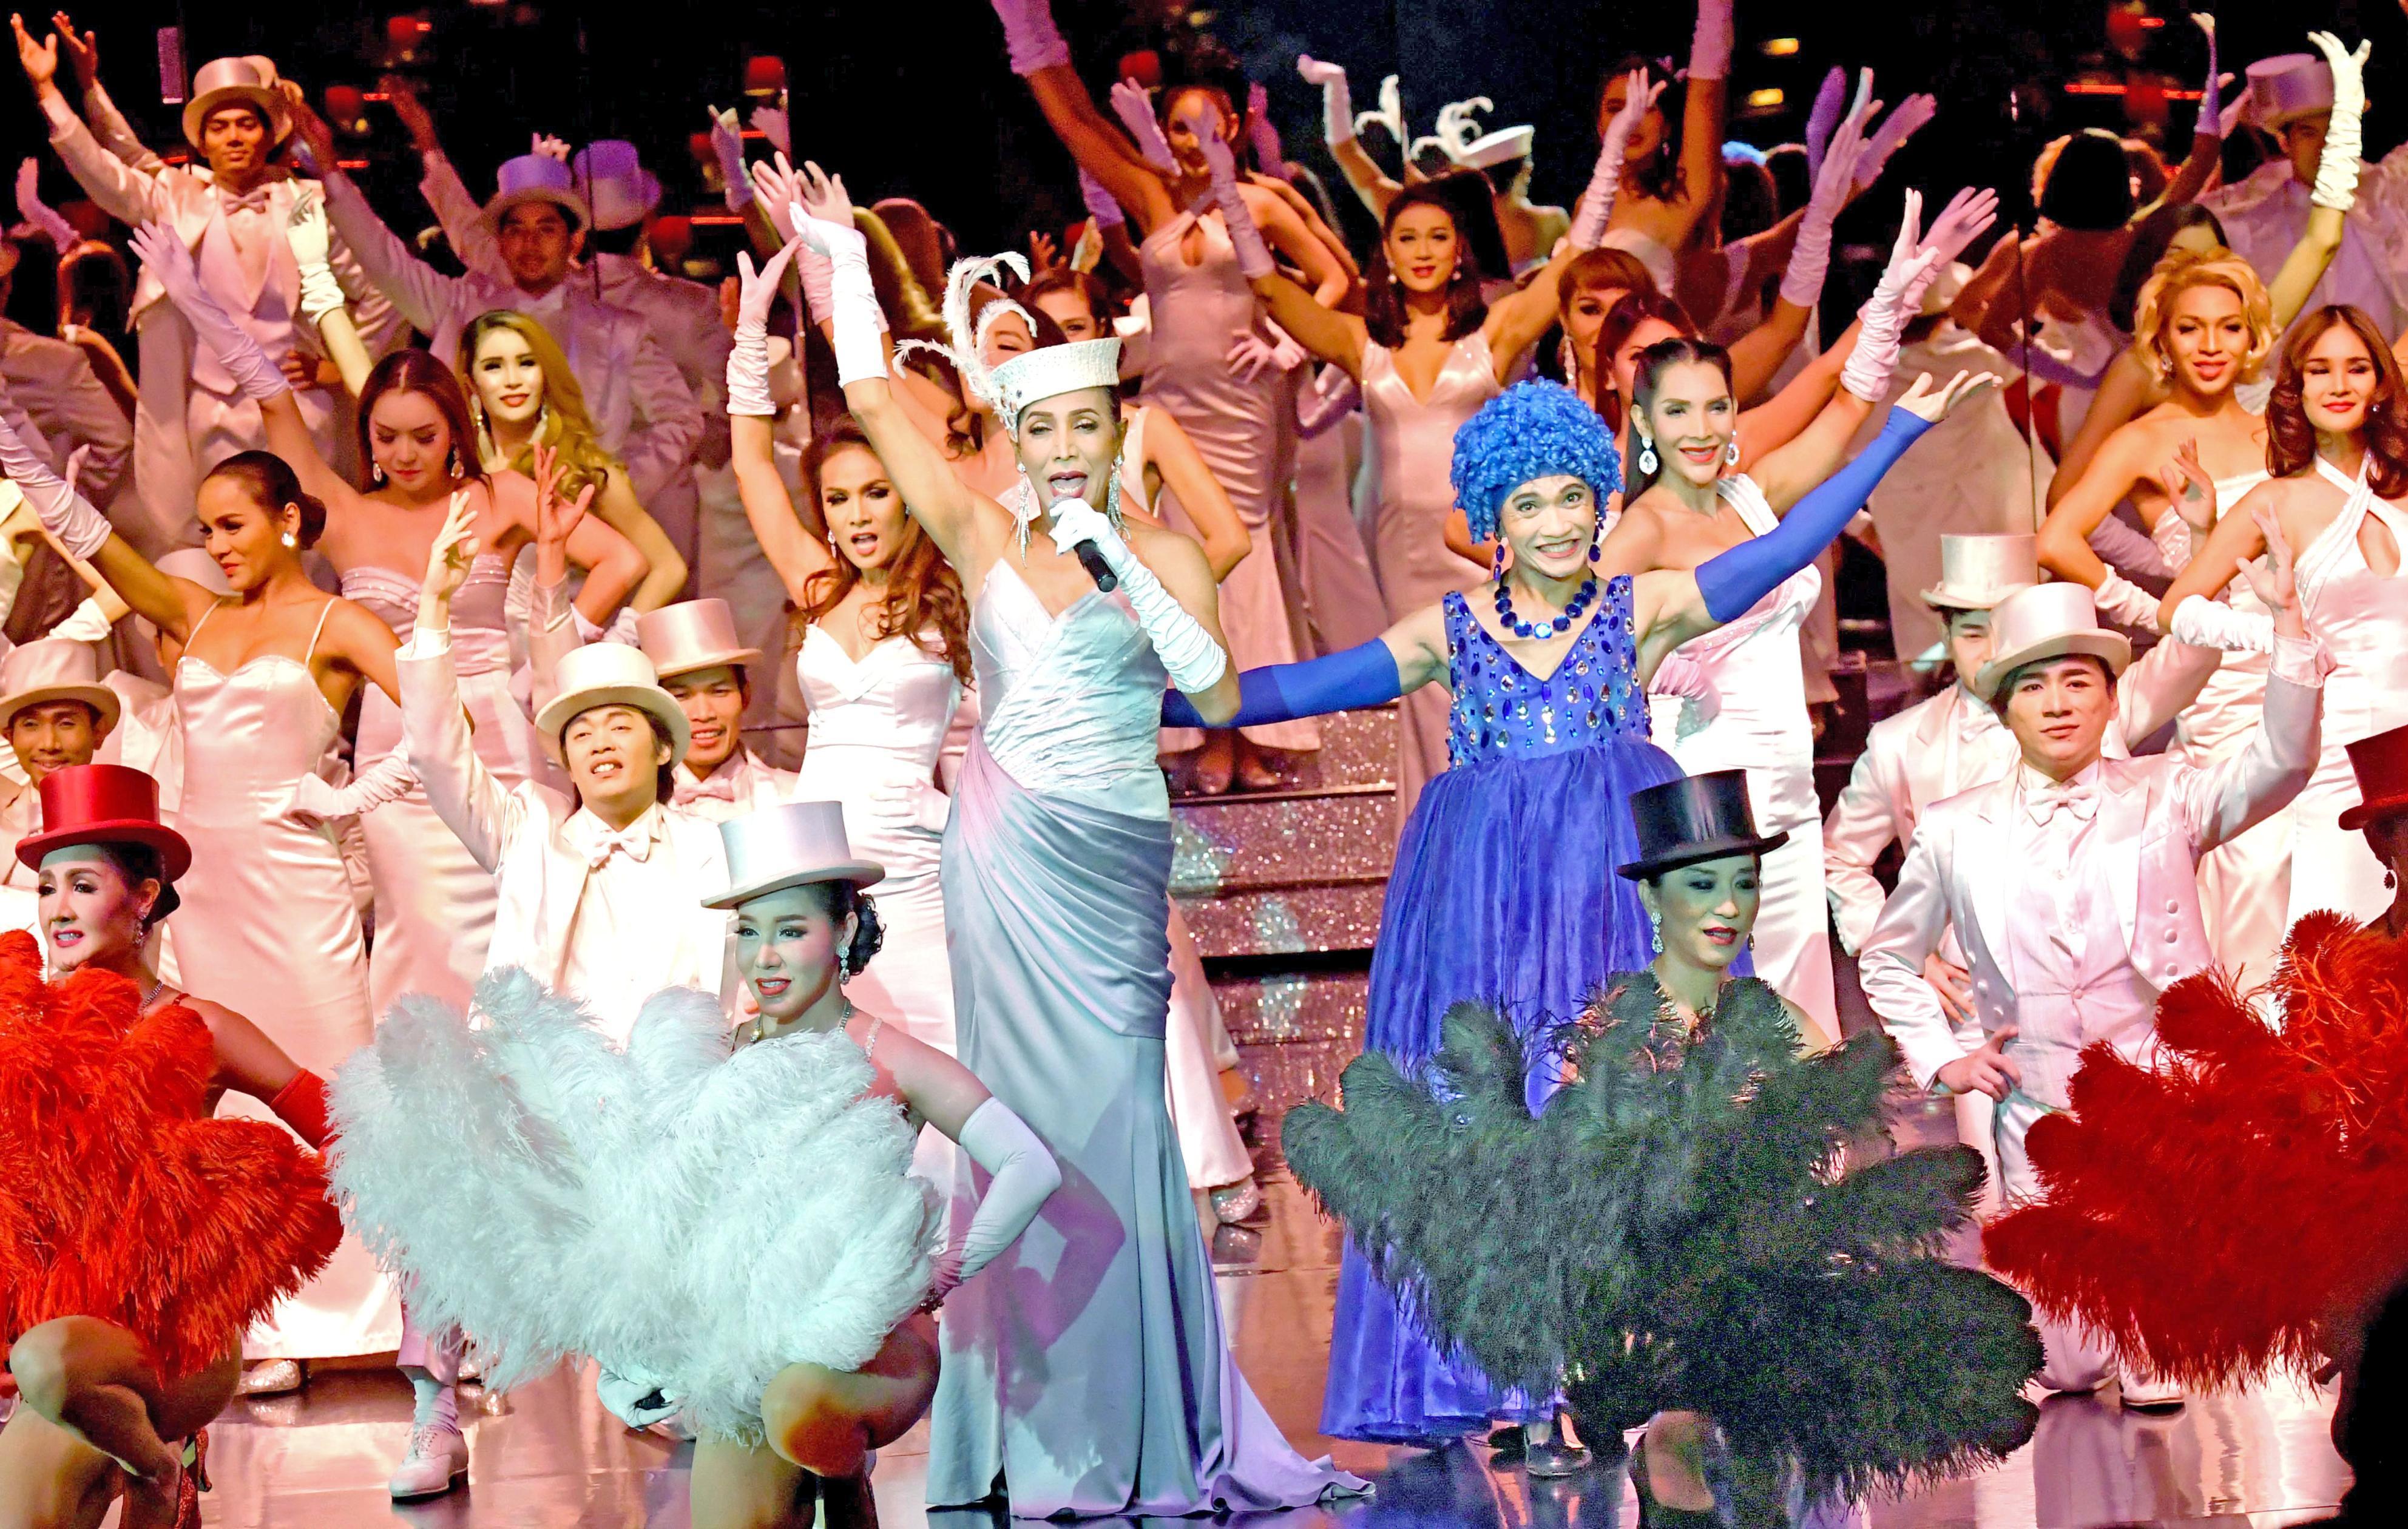 ニューハーフによる華麗なショーが繰り広げられる劇場「カリプソ」。毎夜、世界各国からの観光客でにぎわう=バンコク(撮影・浮ケ谷泰、共同)